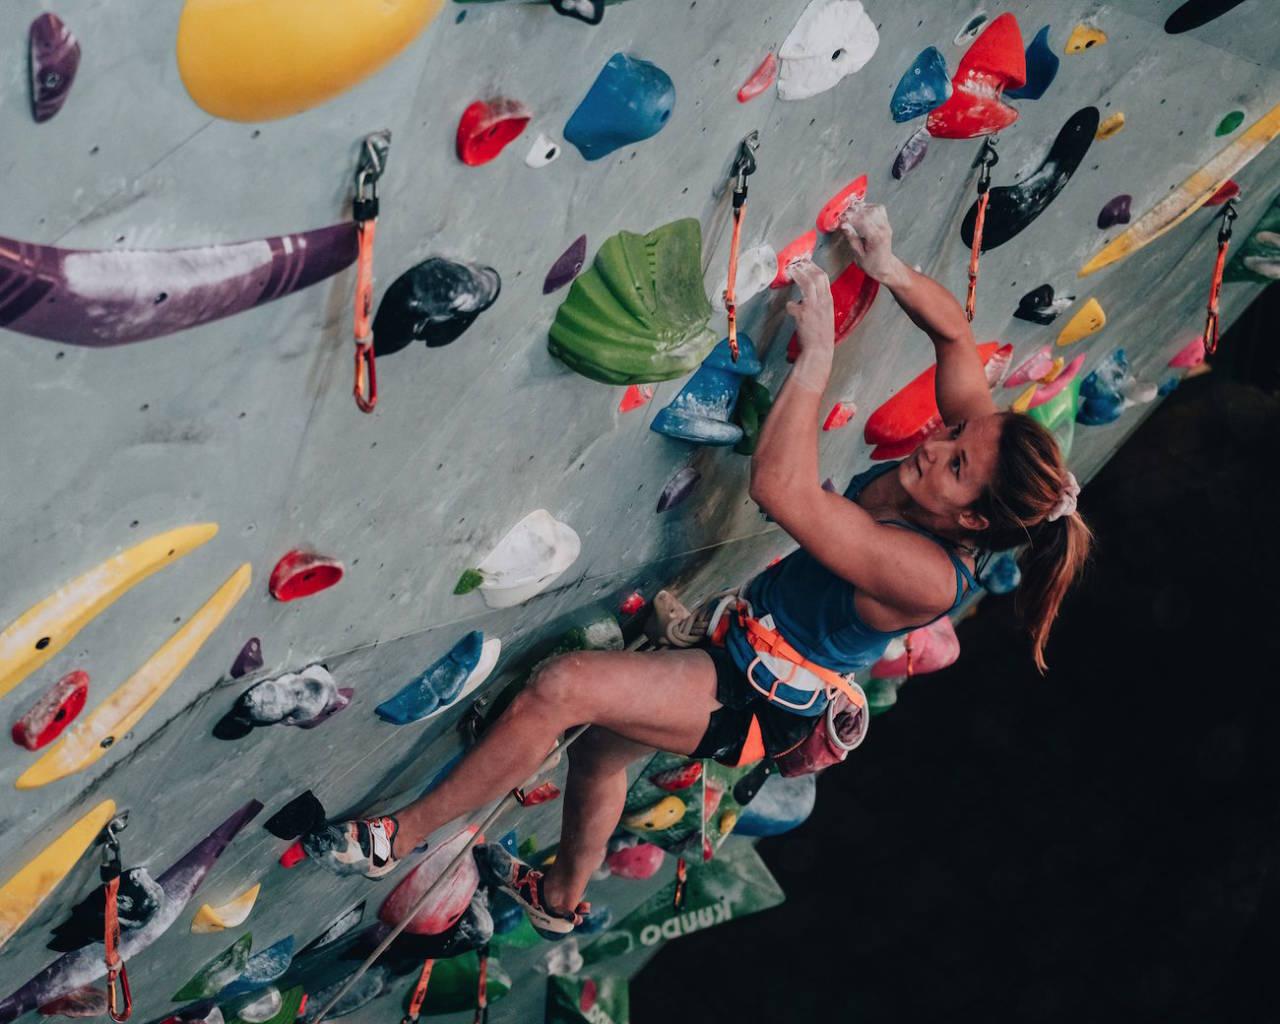 STERK: Tina Hafsaas er en av Norges sterkeste klatrere, og innehaver av temmelig mye POWER. Hva det betyr får du vite i denne artikkelen. Foto: Bjørnar Smestad